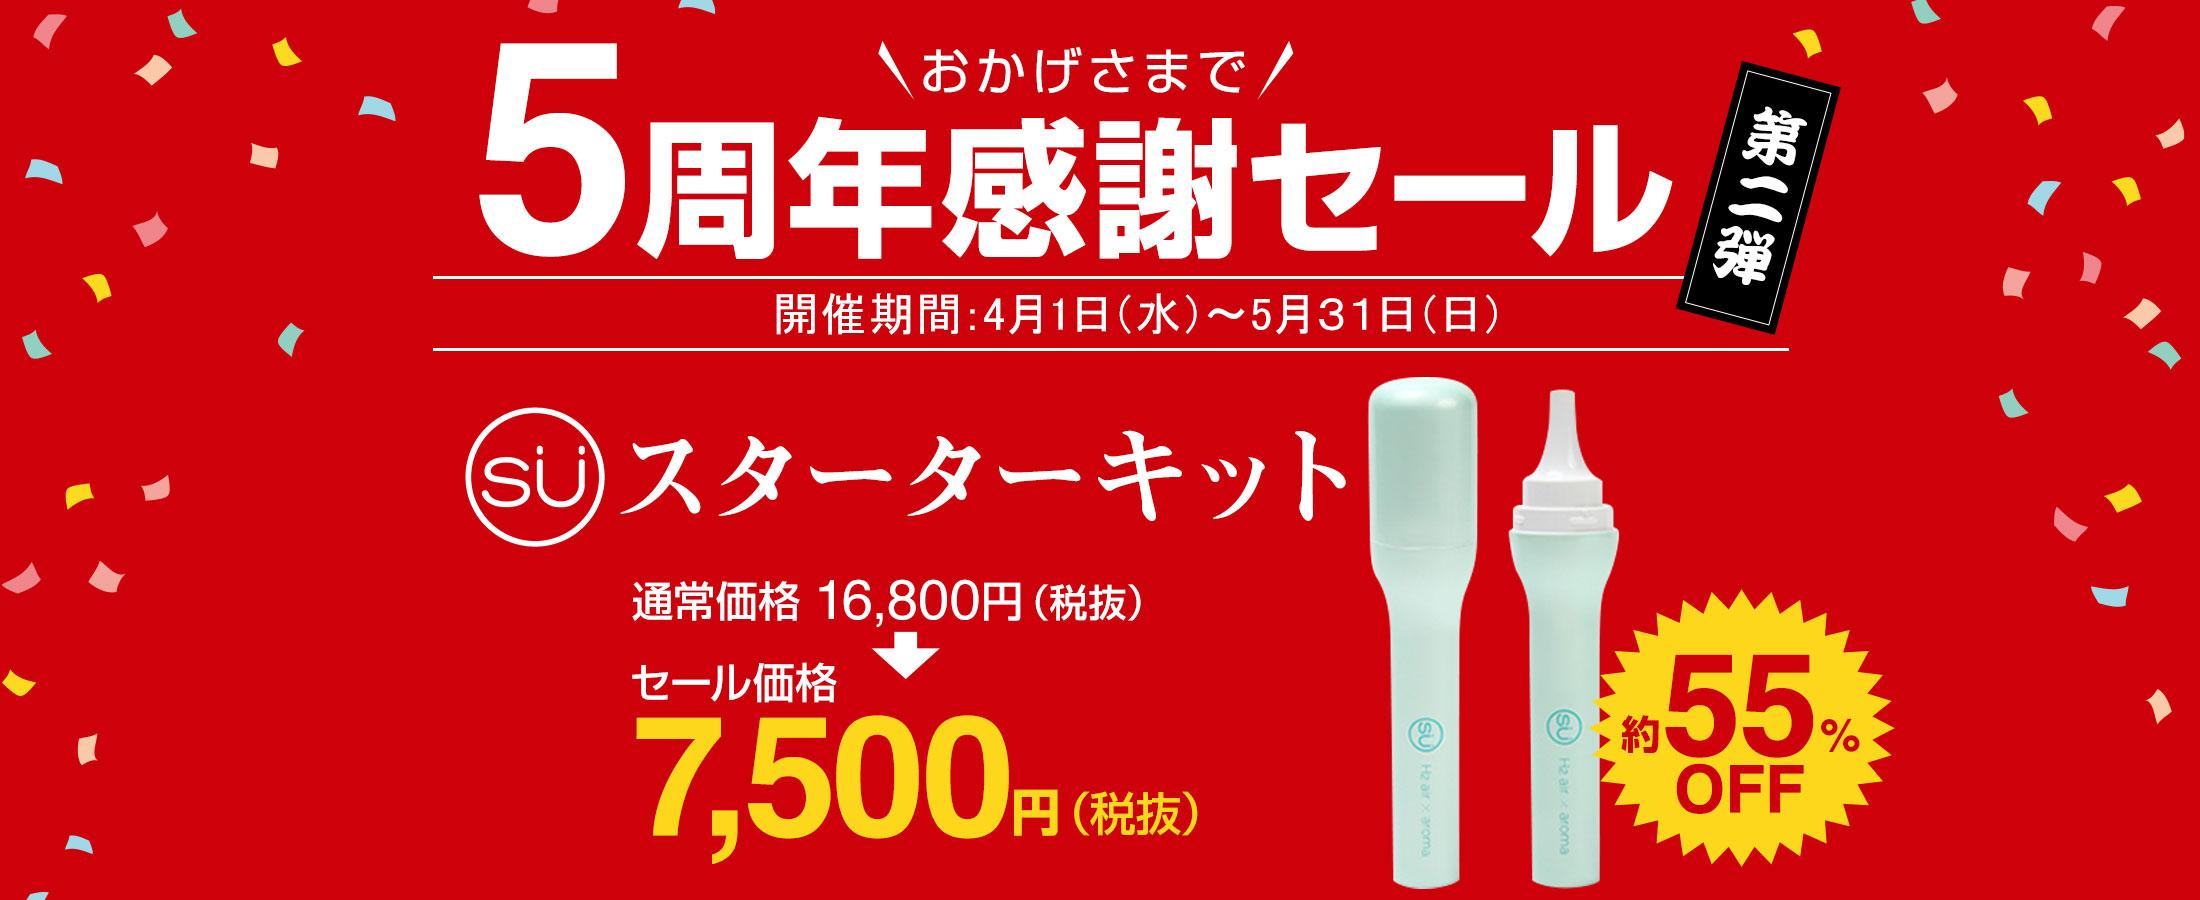 Su(スゥ) 5周年記念セール